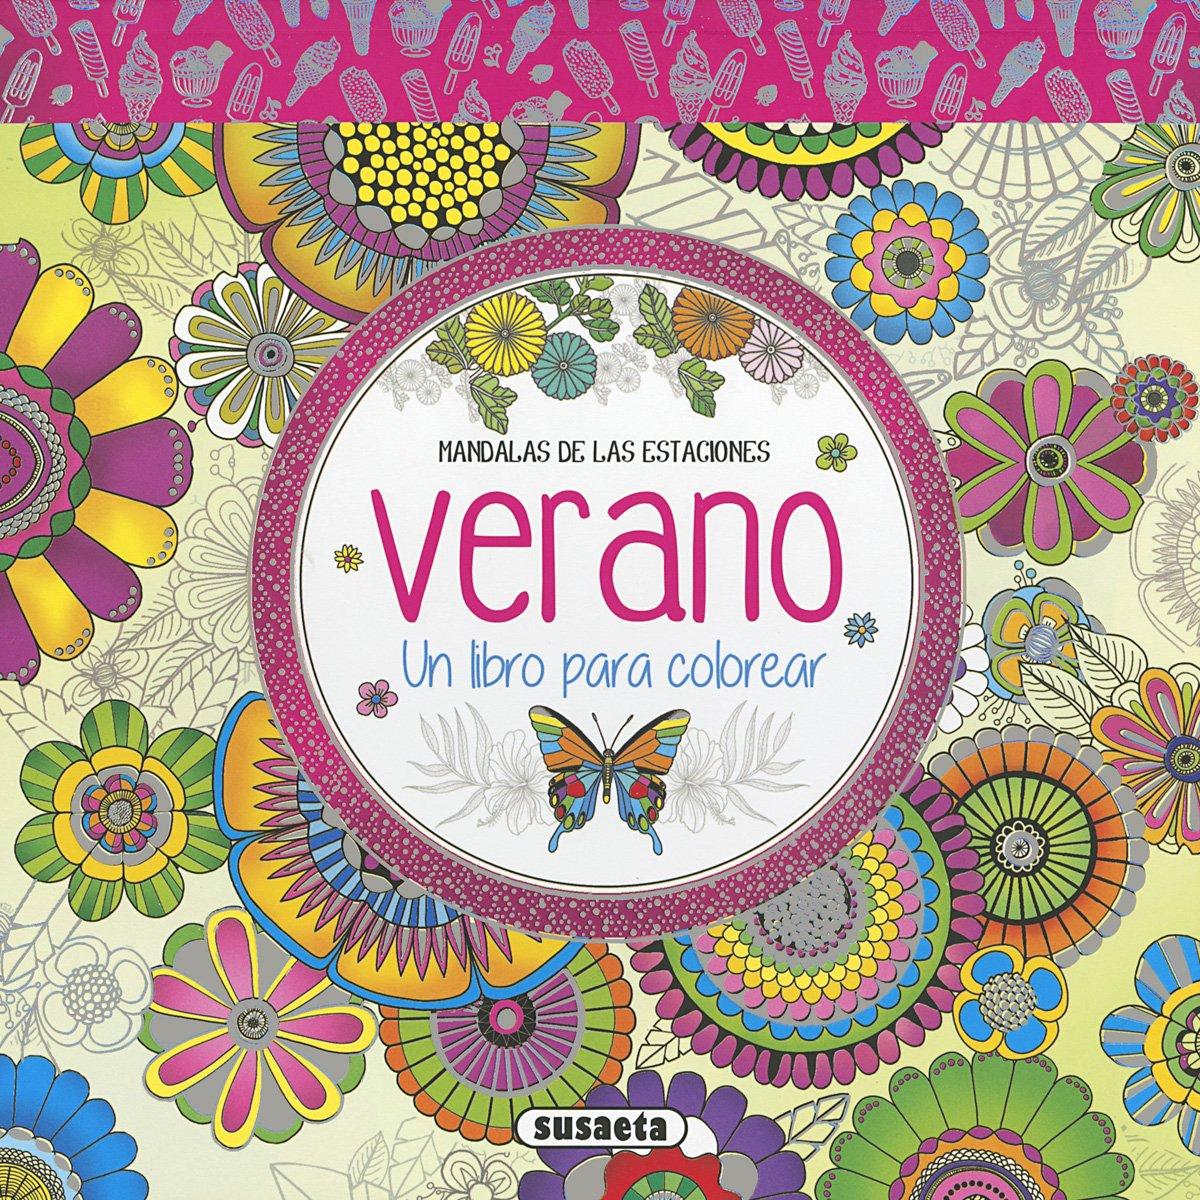 Verano. Un libro para colorear Mandalas de las estaciones: Amazon.es ...